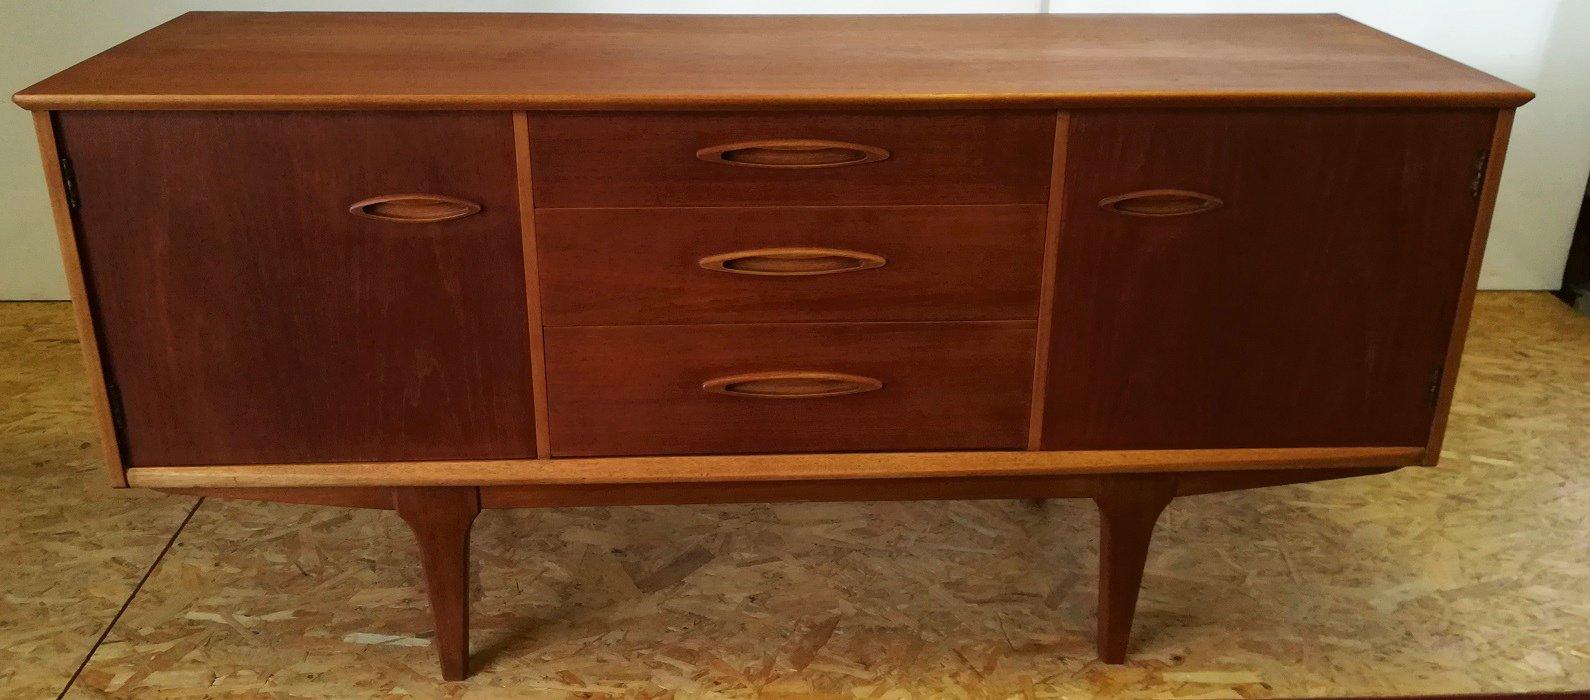 kleines vintage sideboard von jentiques bei pamono kaufen. Black Bedroom Furniture Sets. Home Design Ideas